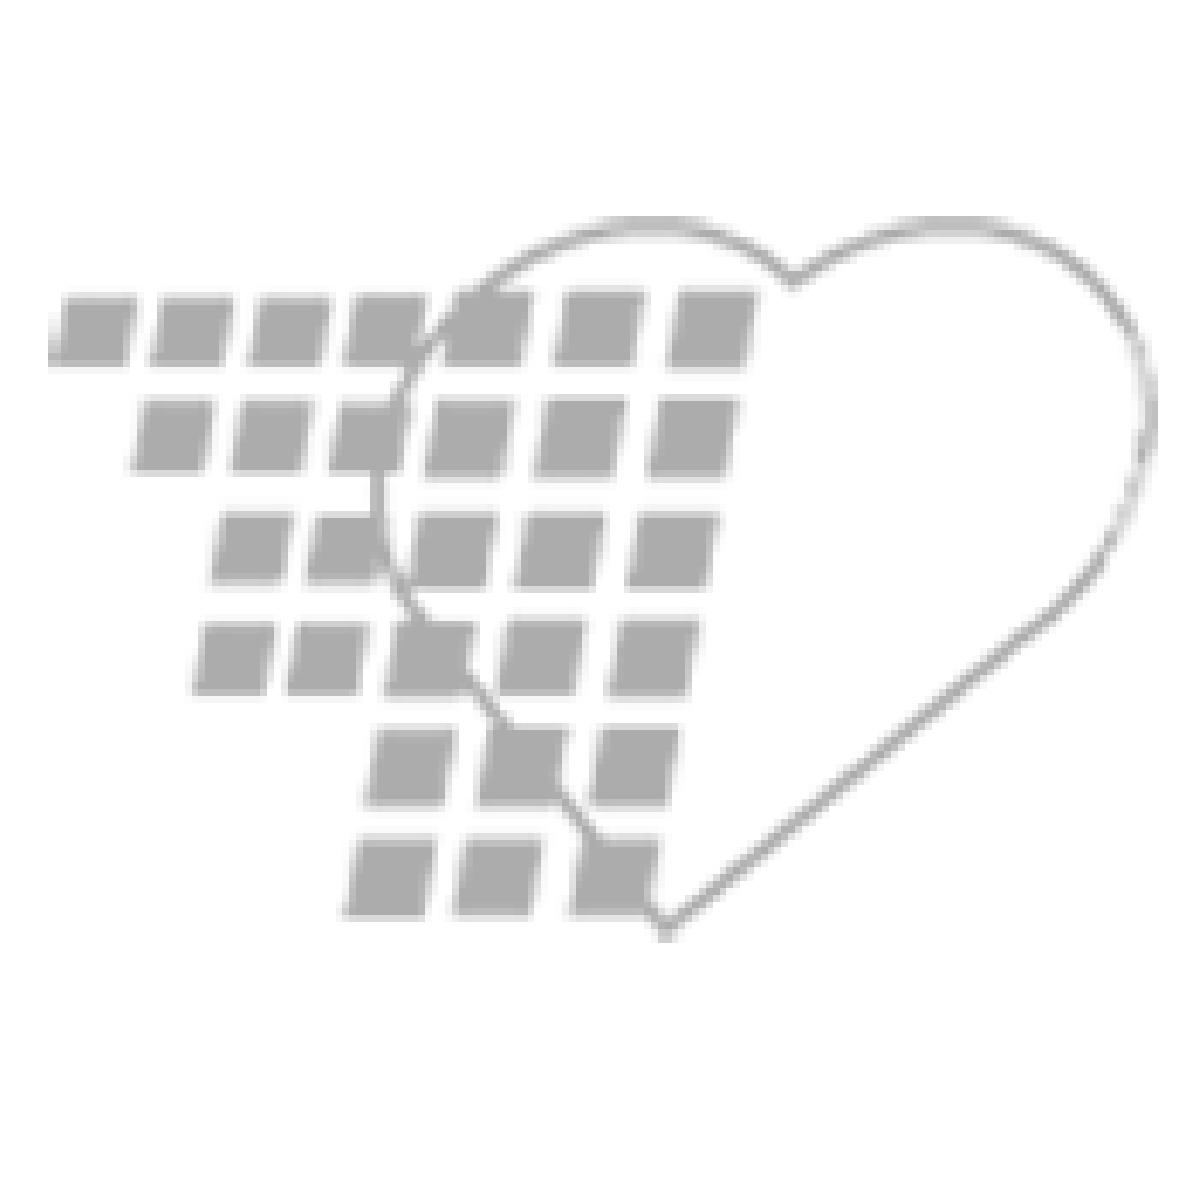 09-31-9628 Heart Chart